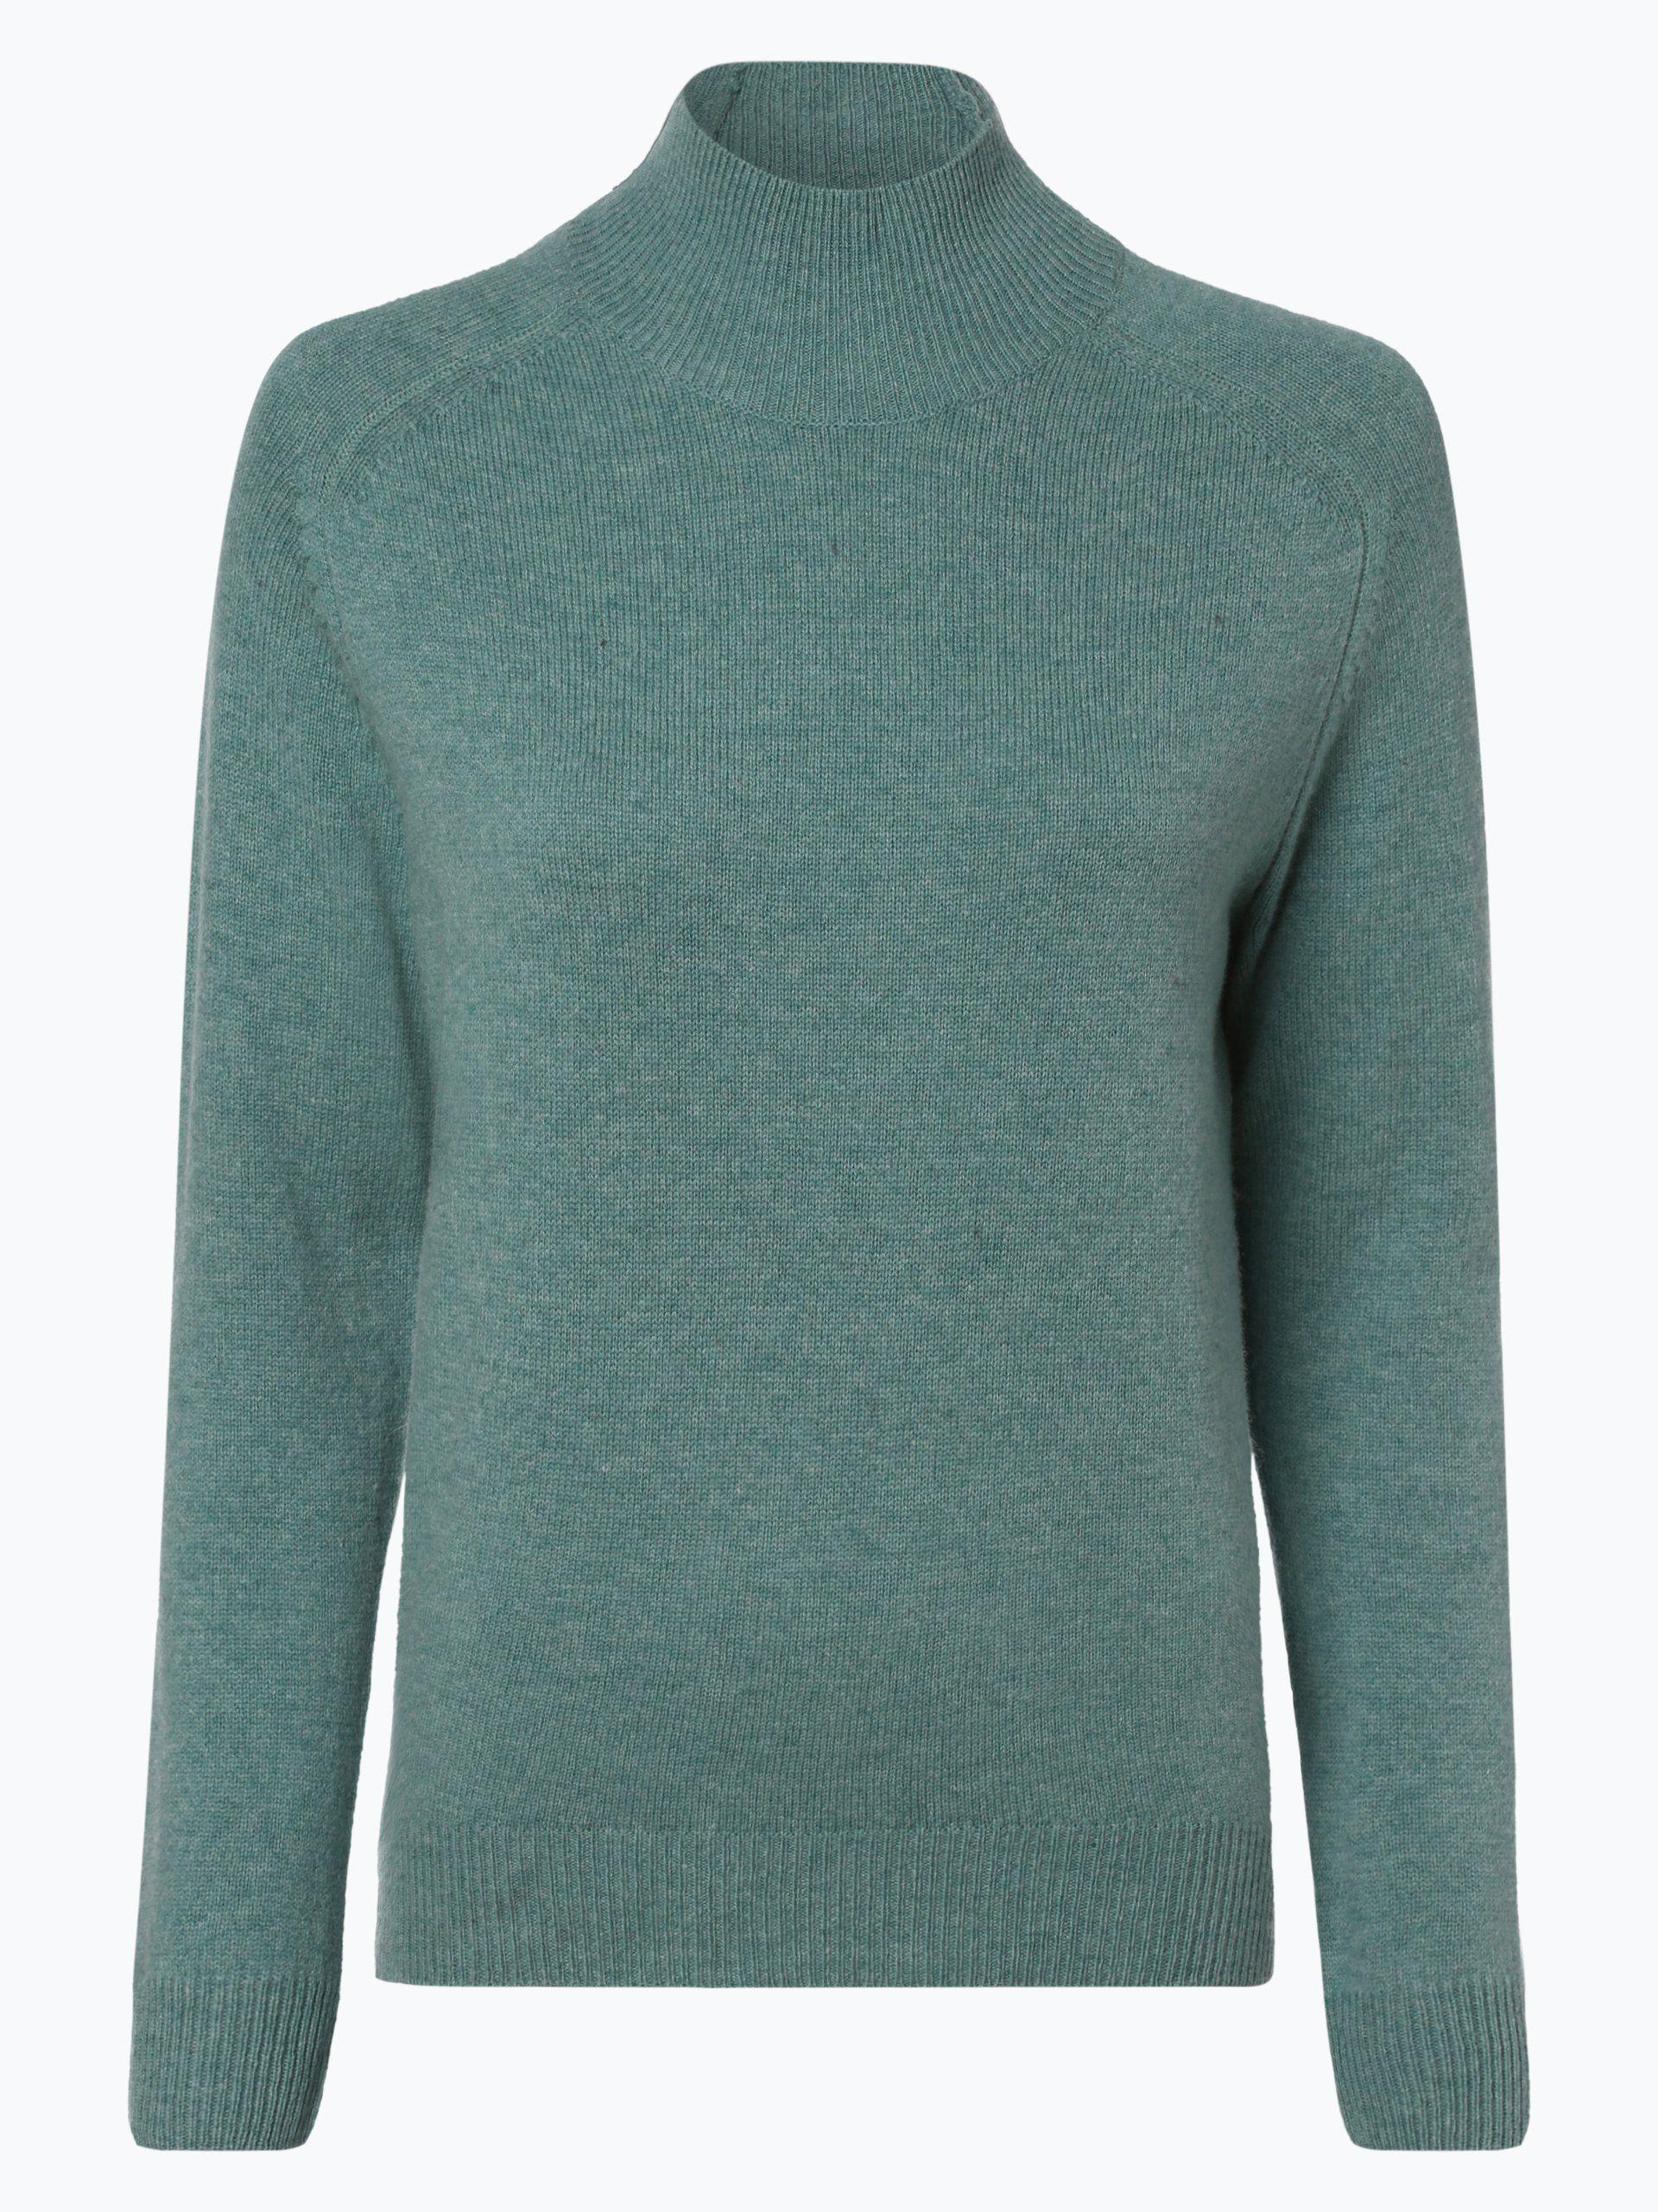 24b8aeaf1fe918 Marie Lund Damski sweter z wełny merino 100% --> podobno jeden z moich  kolorów